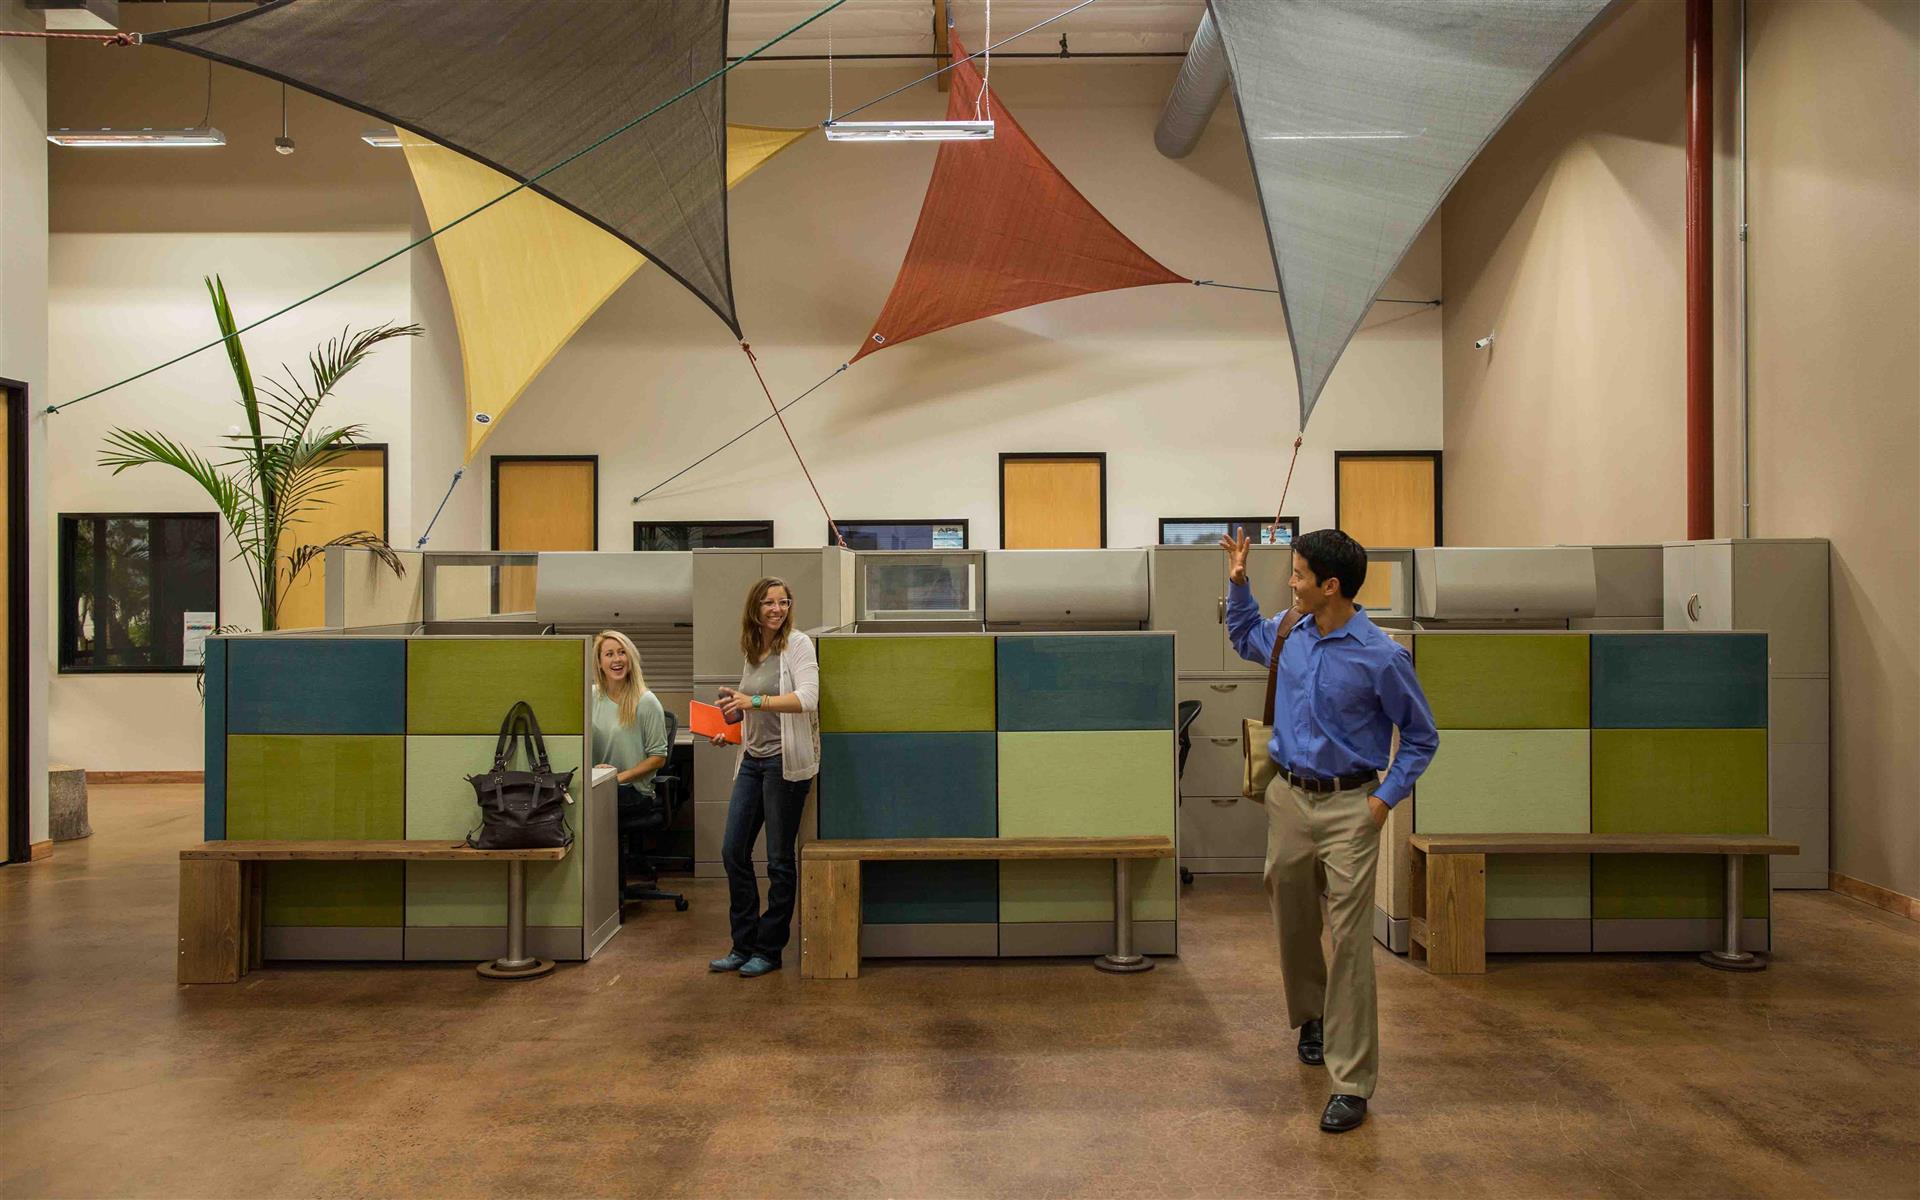 Mesa Rim CoWorking Center - Private Office #13